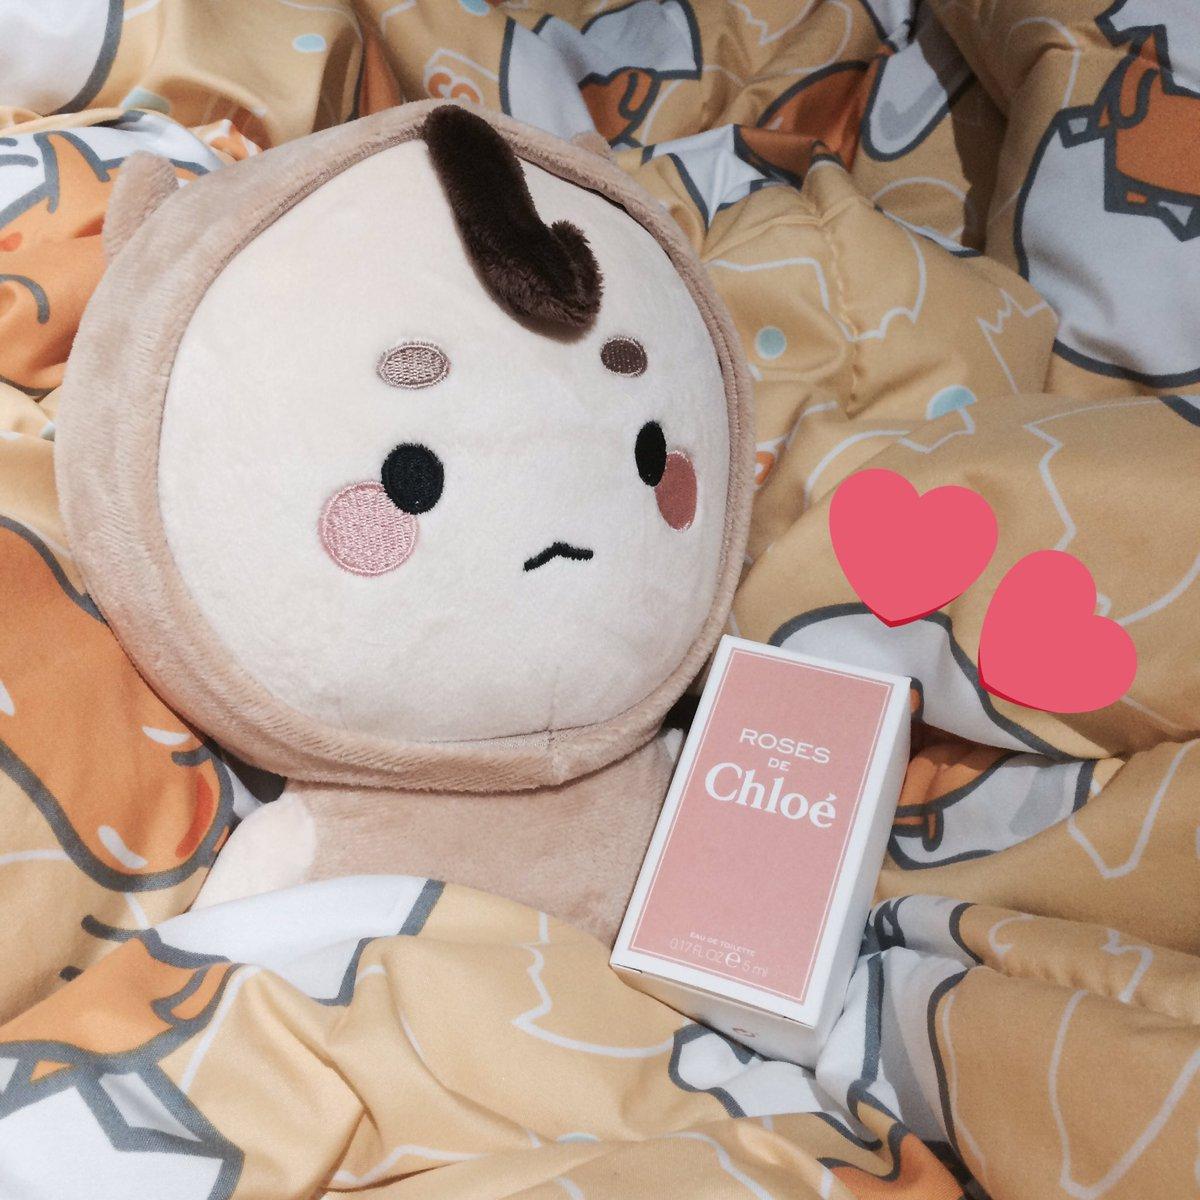 รีวนปายย แจกน้ำหอม Roses De Cholé  5 ml.  เนื่องในวันเกิดแฟนทั้งสองของเราเอง รักนะเซนและคยองซู  #happykyungsooday  #HappyBirthdayZayn<br>http://pic.twitter.com/WUhTqE4aYp